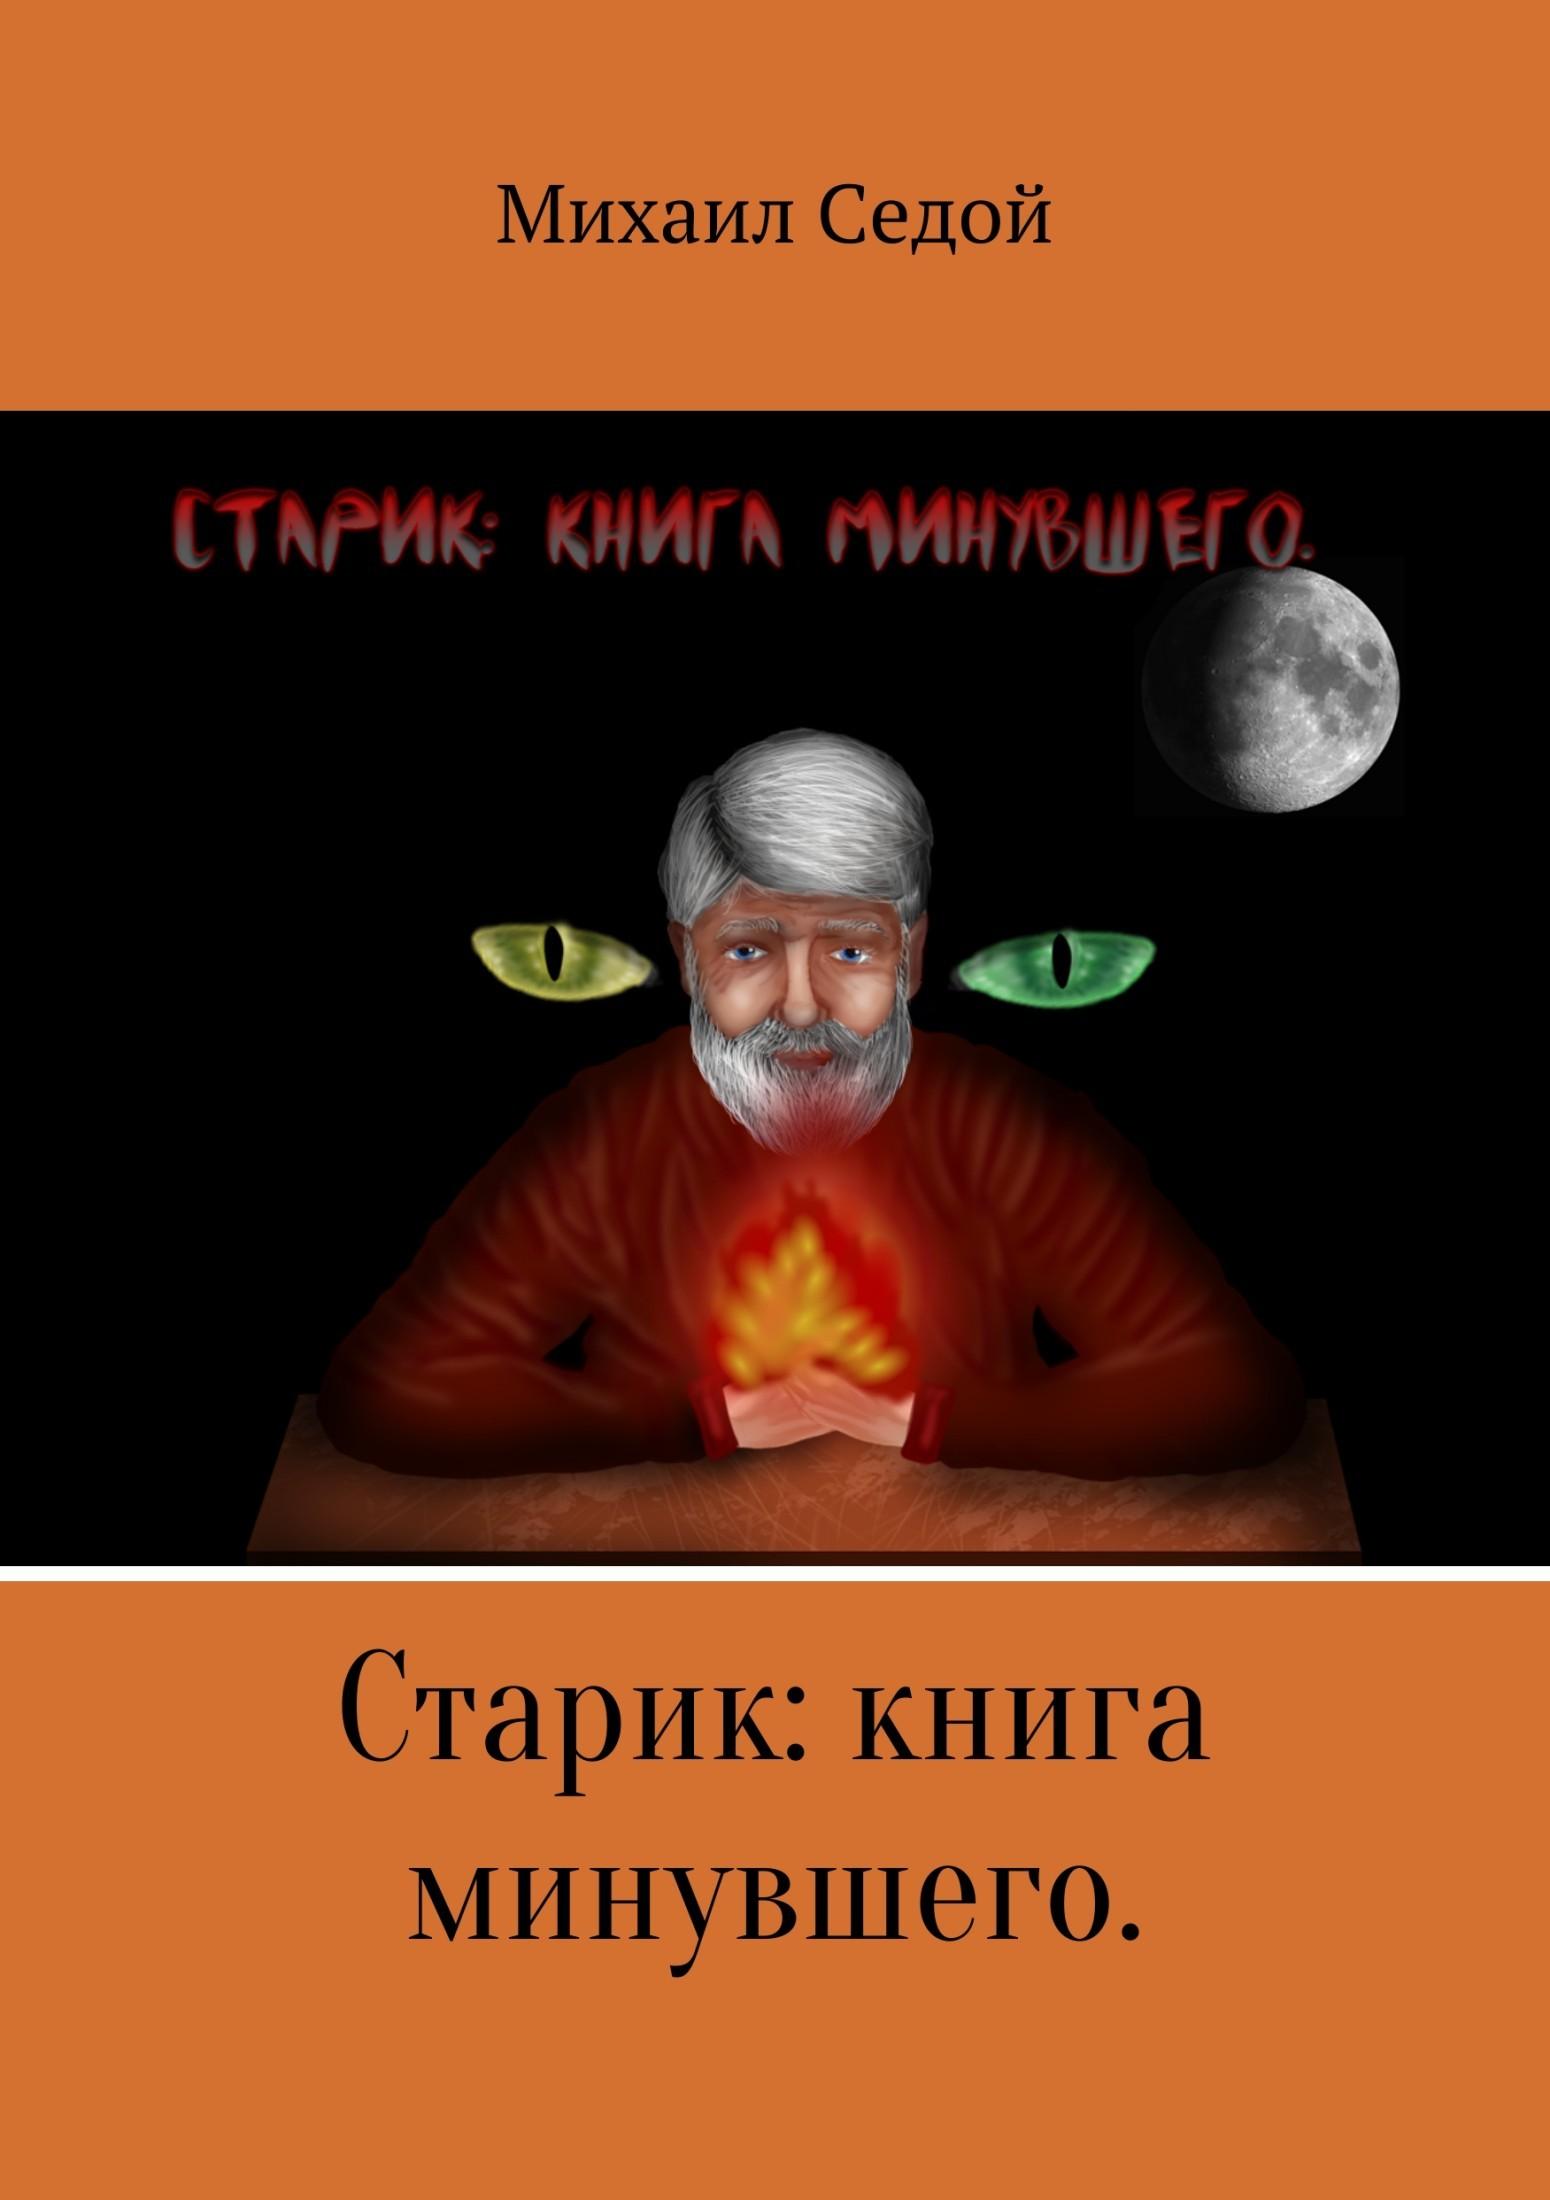 Михаил Владимирович Седой. Старик: книга минувшего